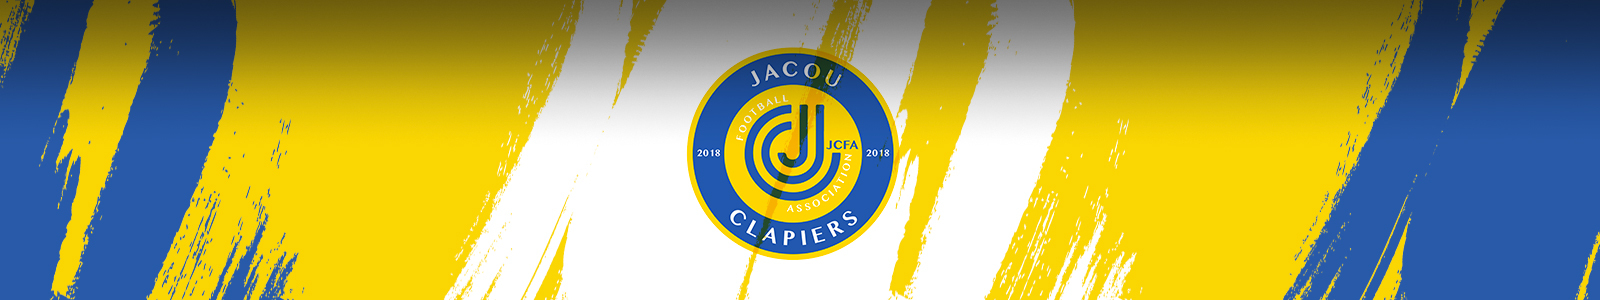 JACOU CLAPIERS FOOTBALL ASSOCIATION : site officiel du club de foot de CLAPIERS - footeo